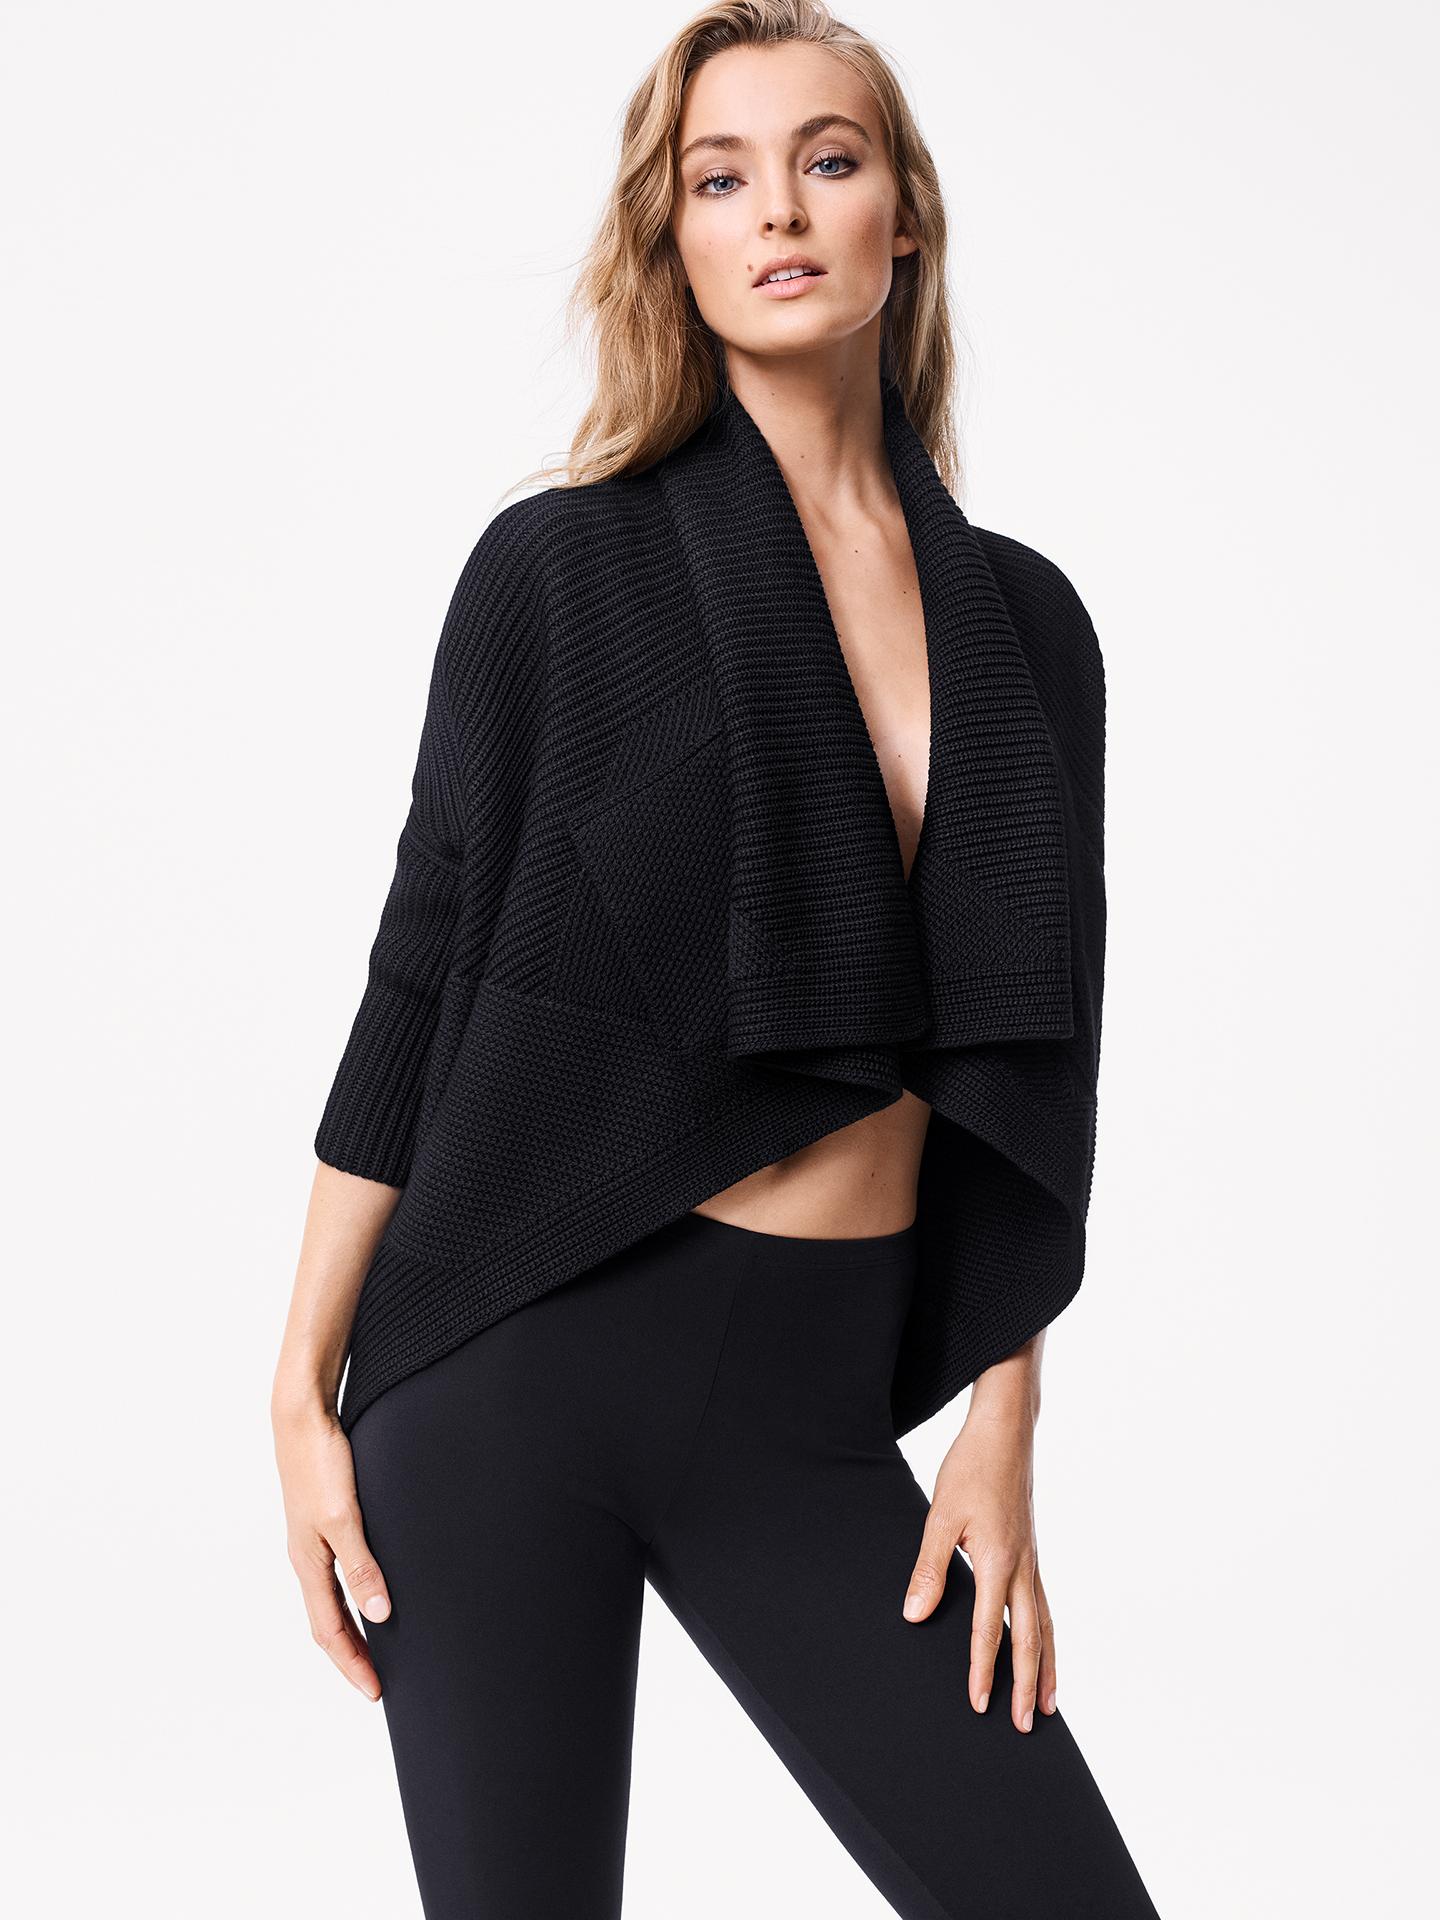 Jacken für Frauen - Mathilda Cardigan 7005 M L  - Onlineshop Wolford